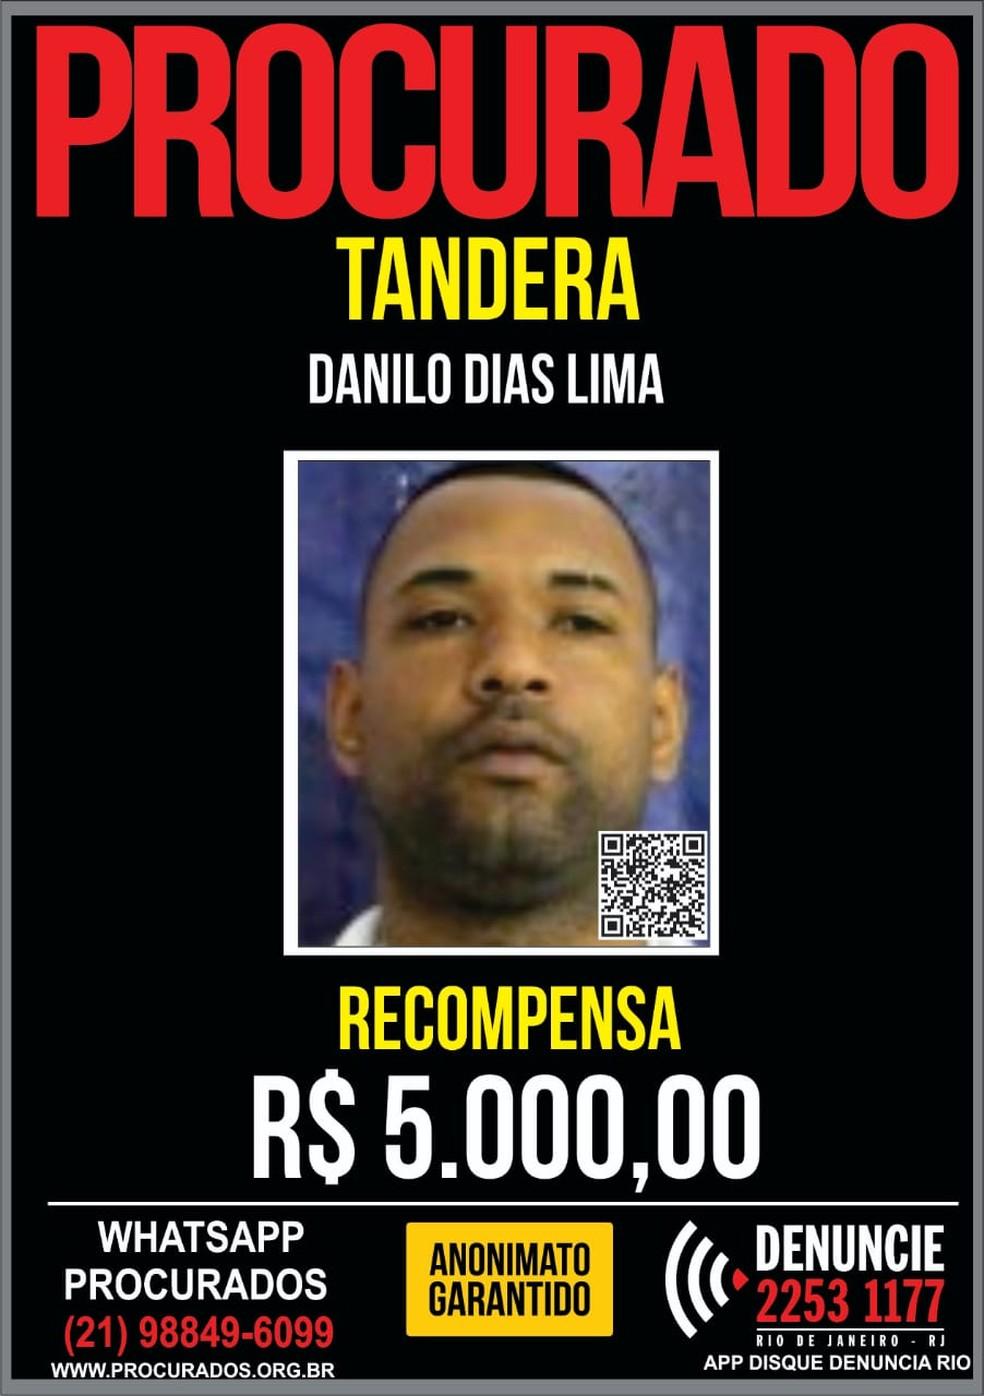 Recompensa por informações que possam levar à prisão de Tandera aumentou de R$ 1 mil para R$ 5 mil — Foto: Portal dos Procurados/Divulgação